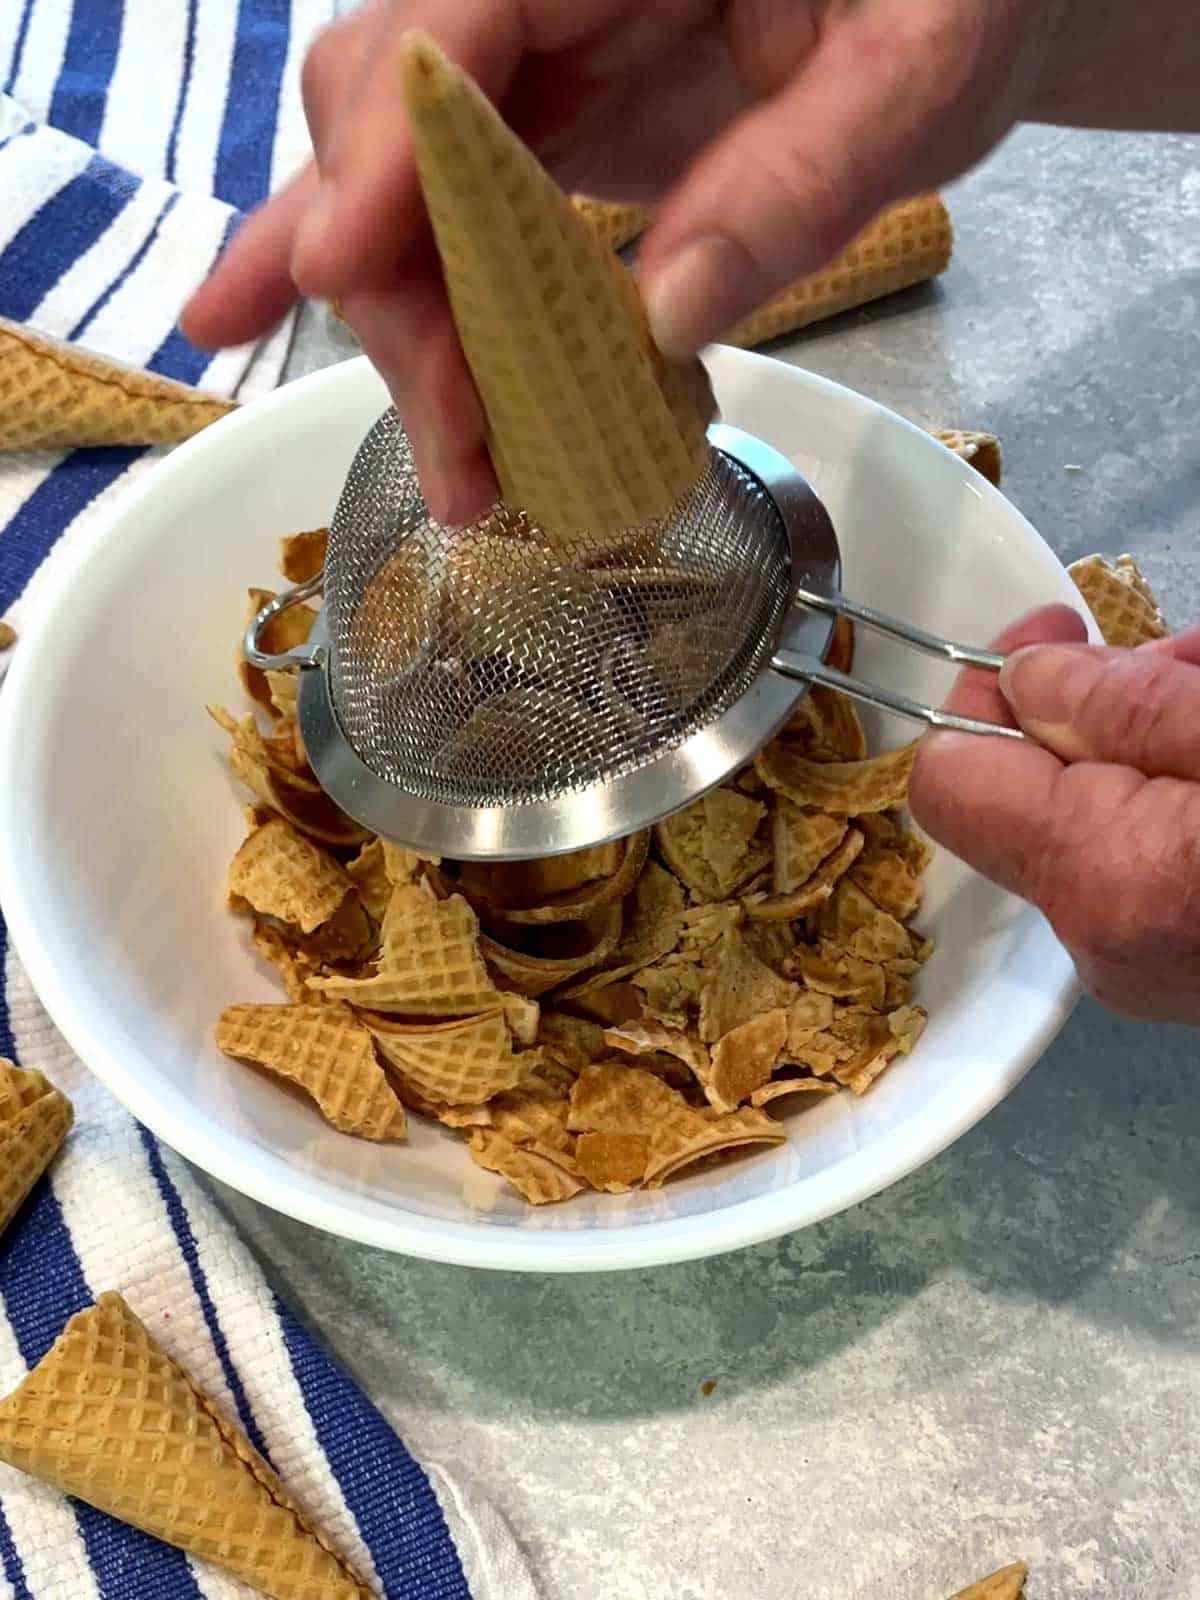 Sanding the rough edges of the cut down sugar cone